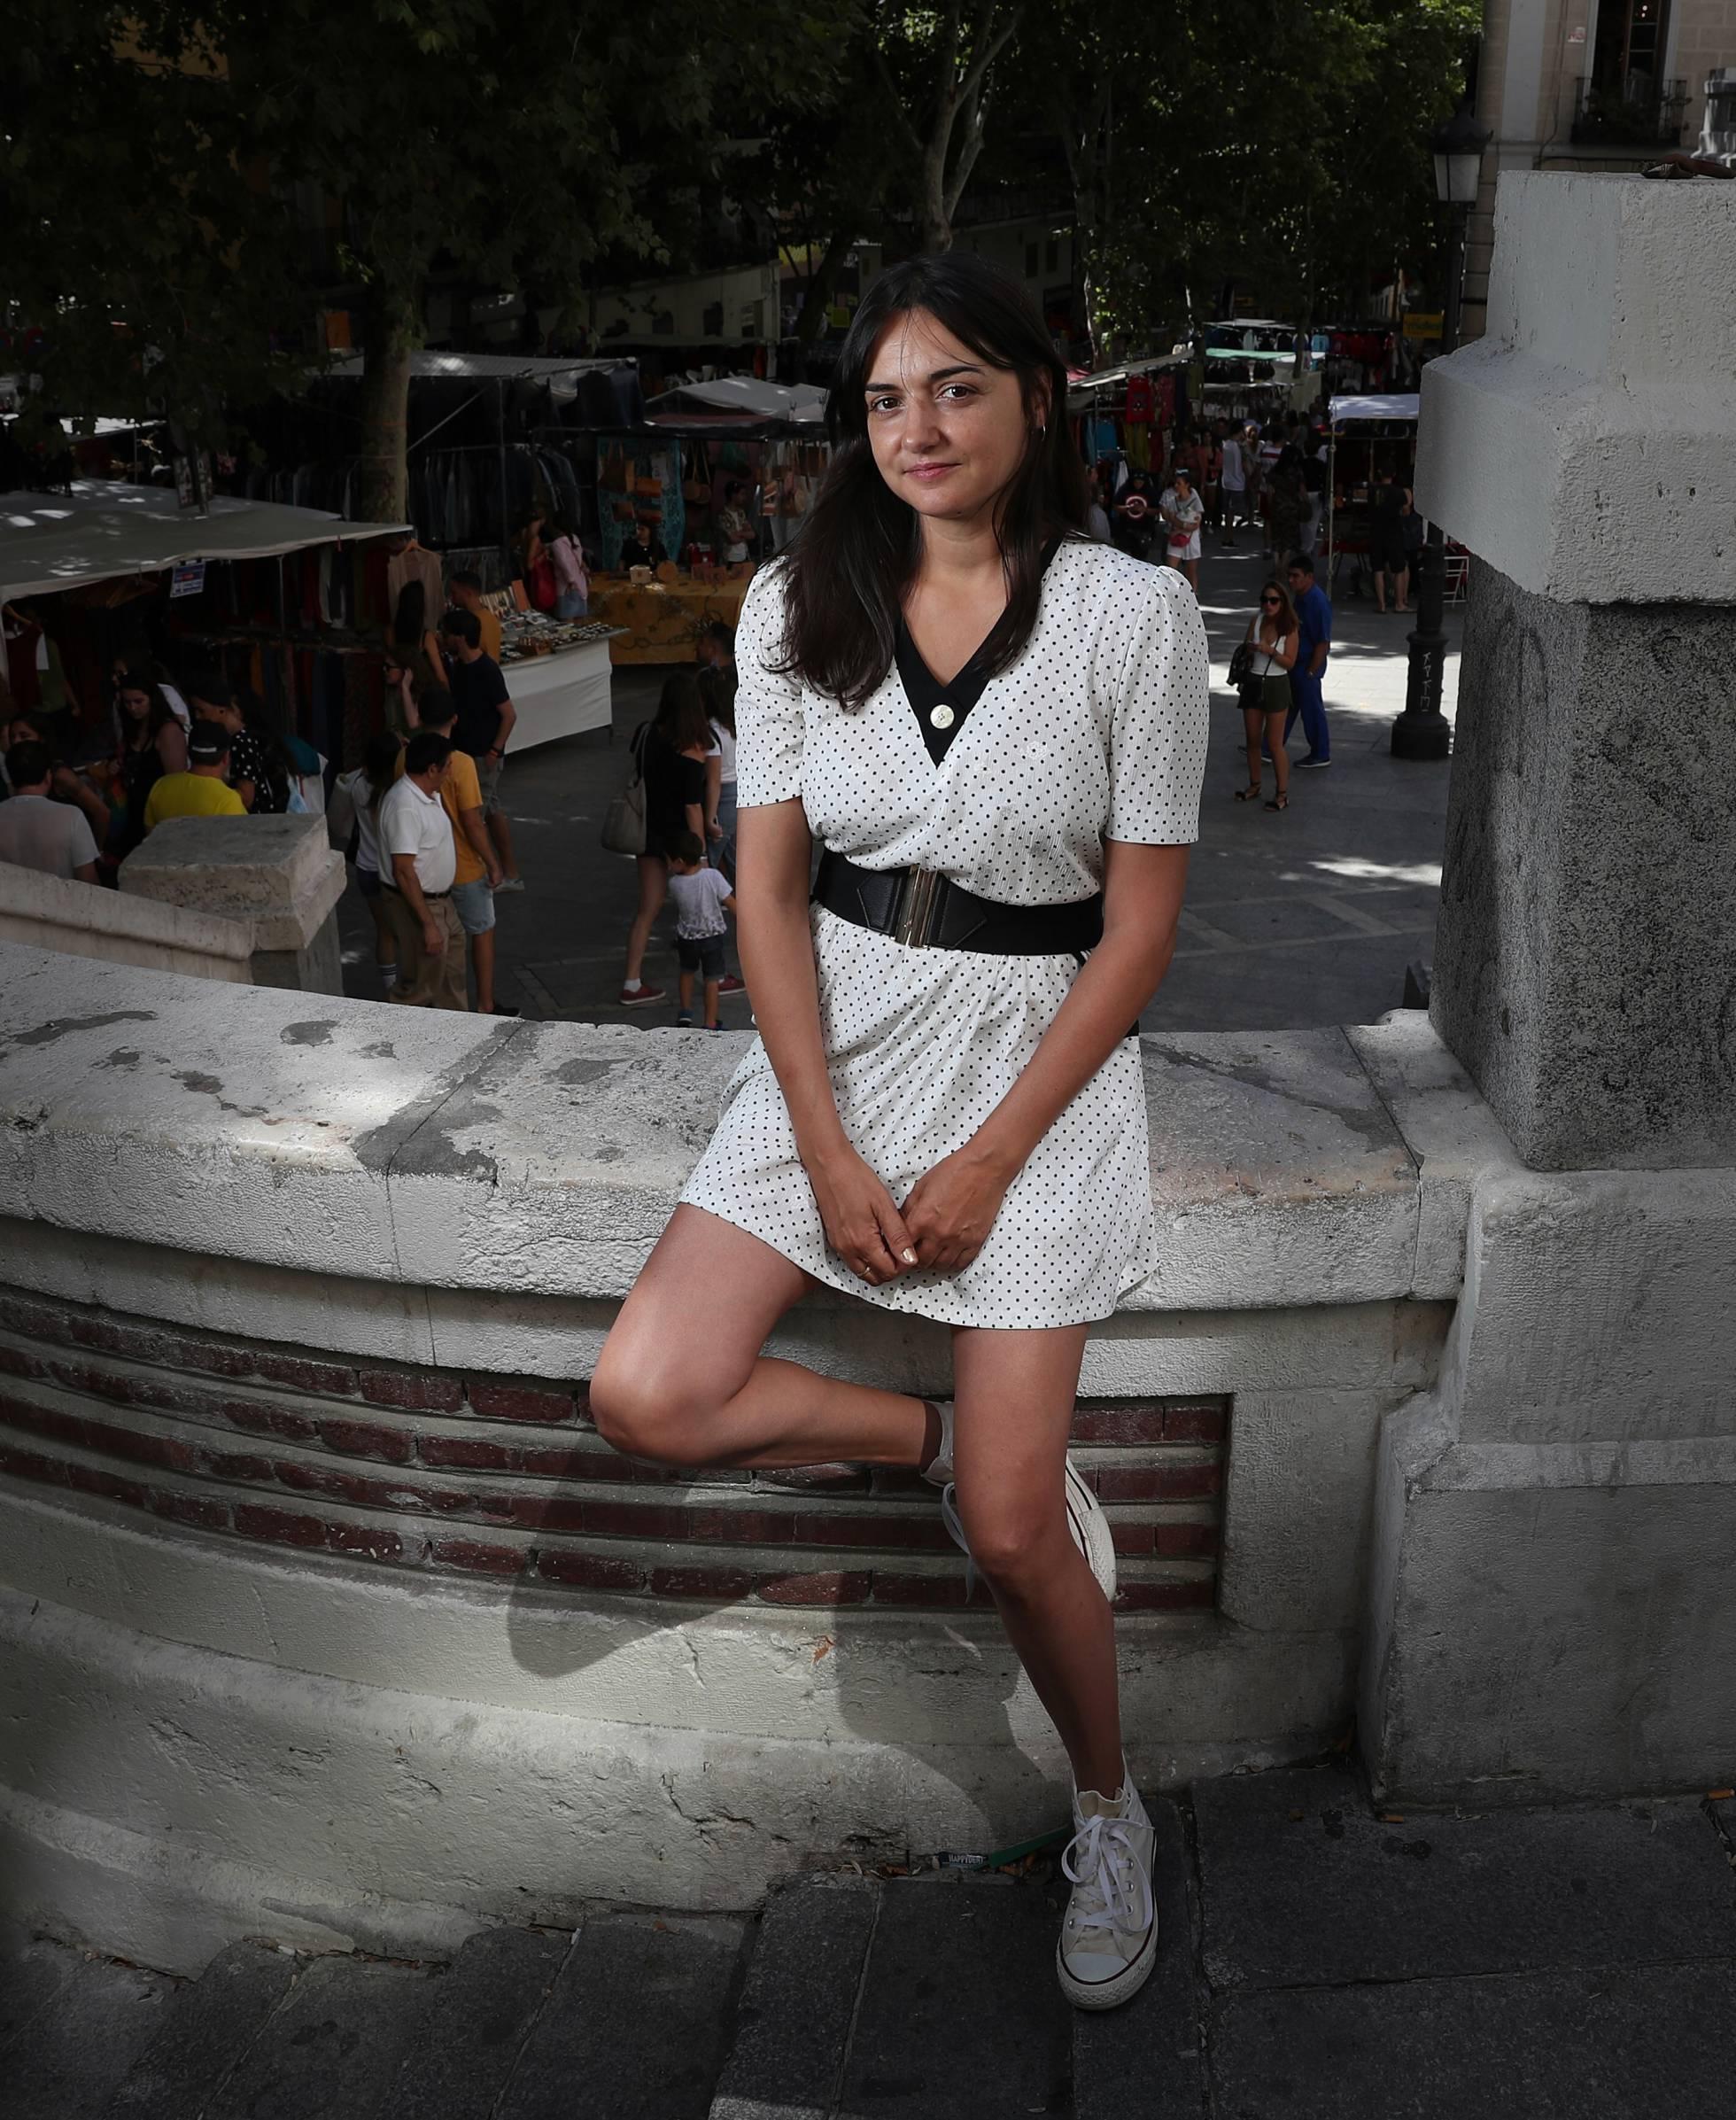 Фотограф из Мадрида создает фотоисторию рынка Эль Растро